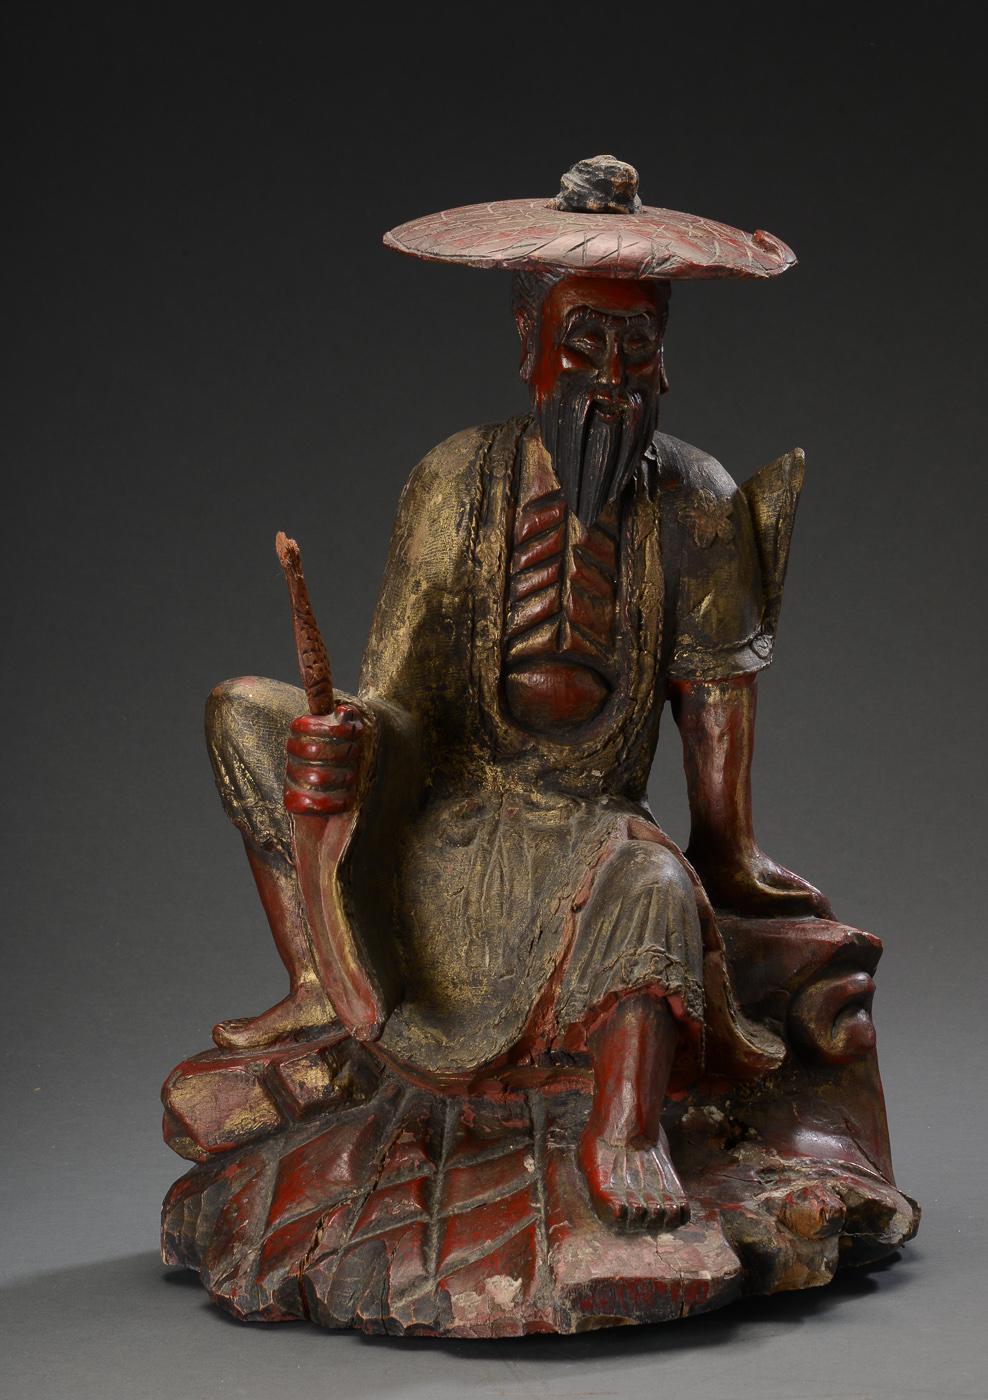 Orientalsk figur af udskåret træ - Orientalsk figur af udskåret og bemalet træ, i form af fisker. H. 61 cm. 1900-tallet. Fremstår med manglende fiskestang, fisk med mærker/afslag